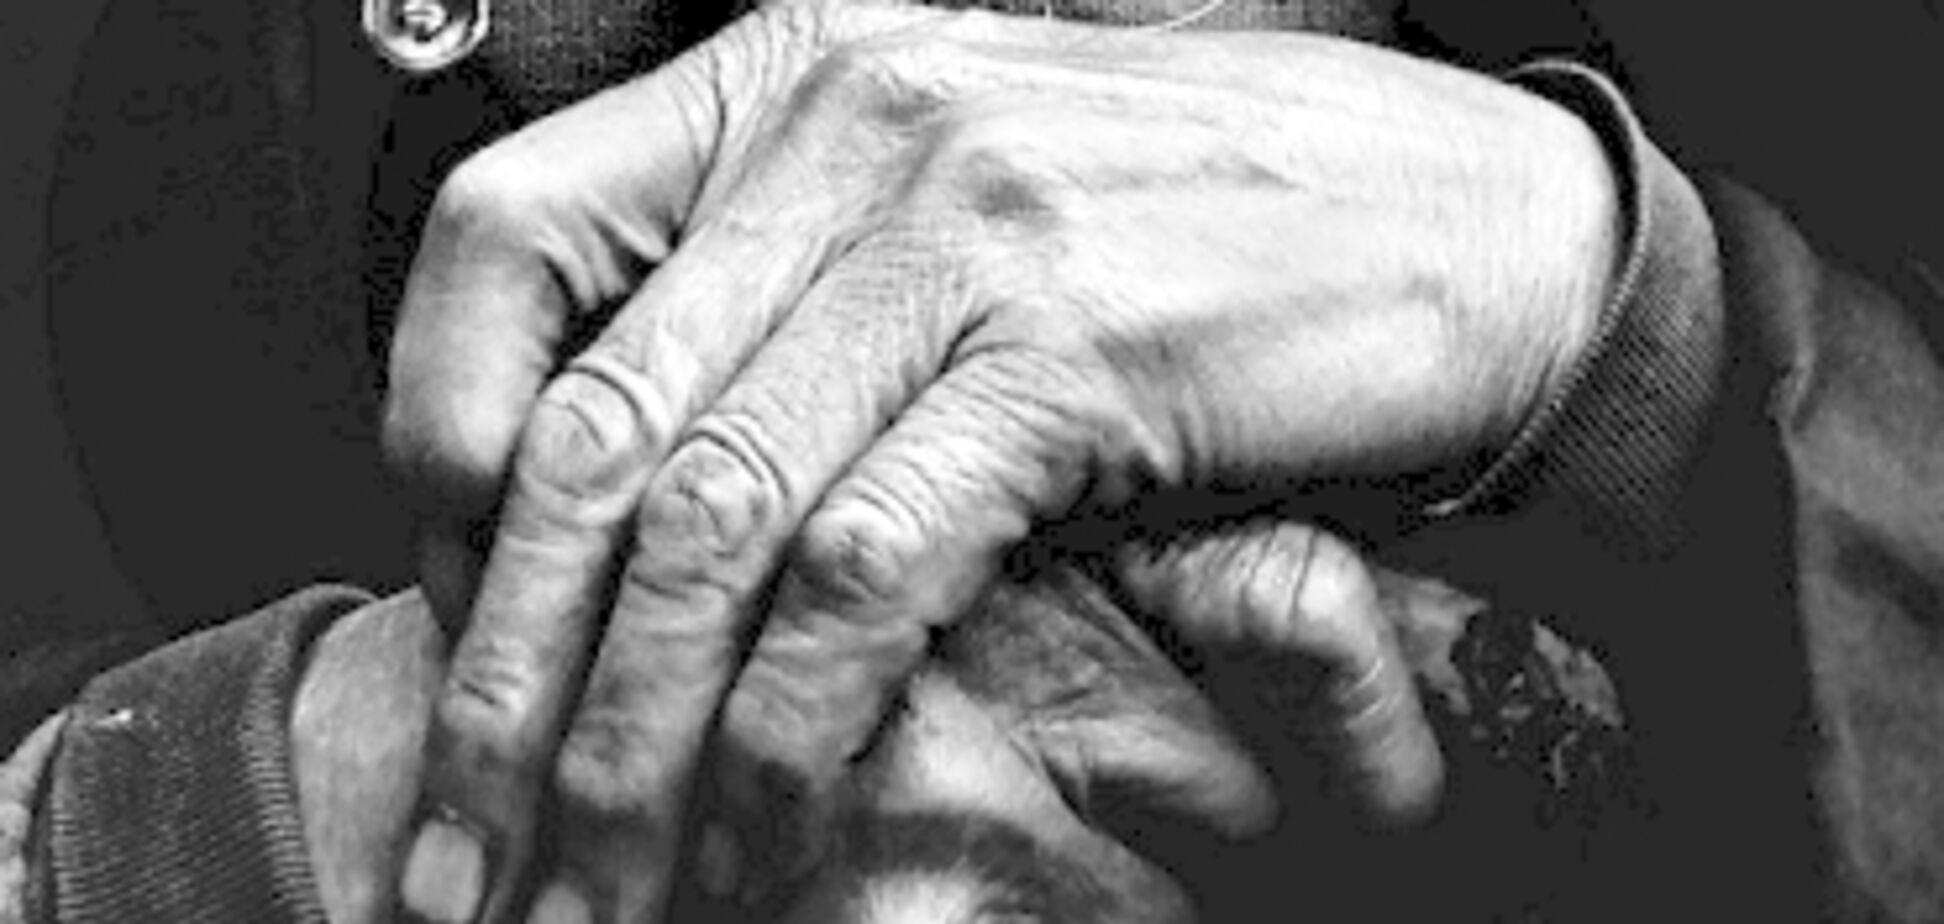 Умер самый старый мужчина в мире: опубликованы фото долгожителя